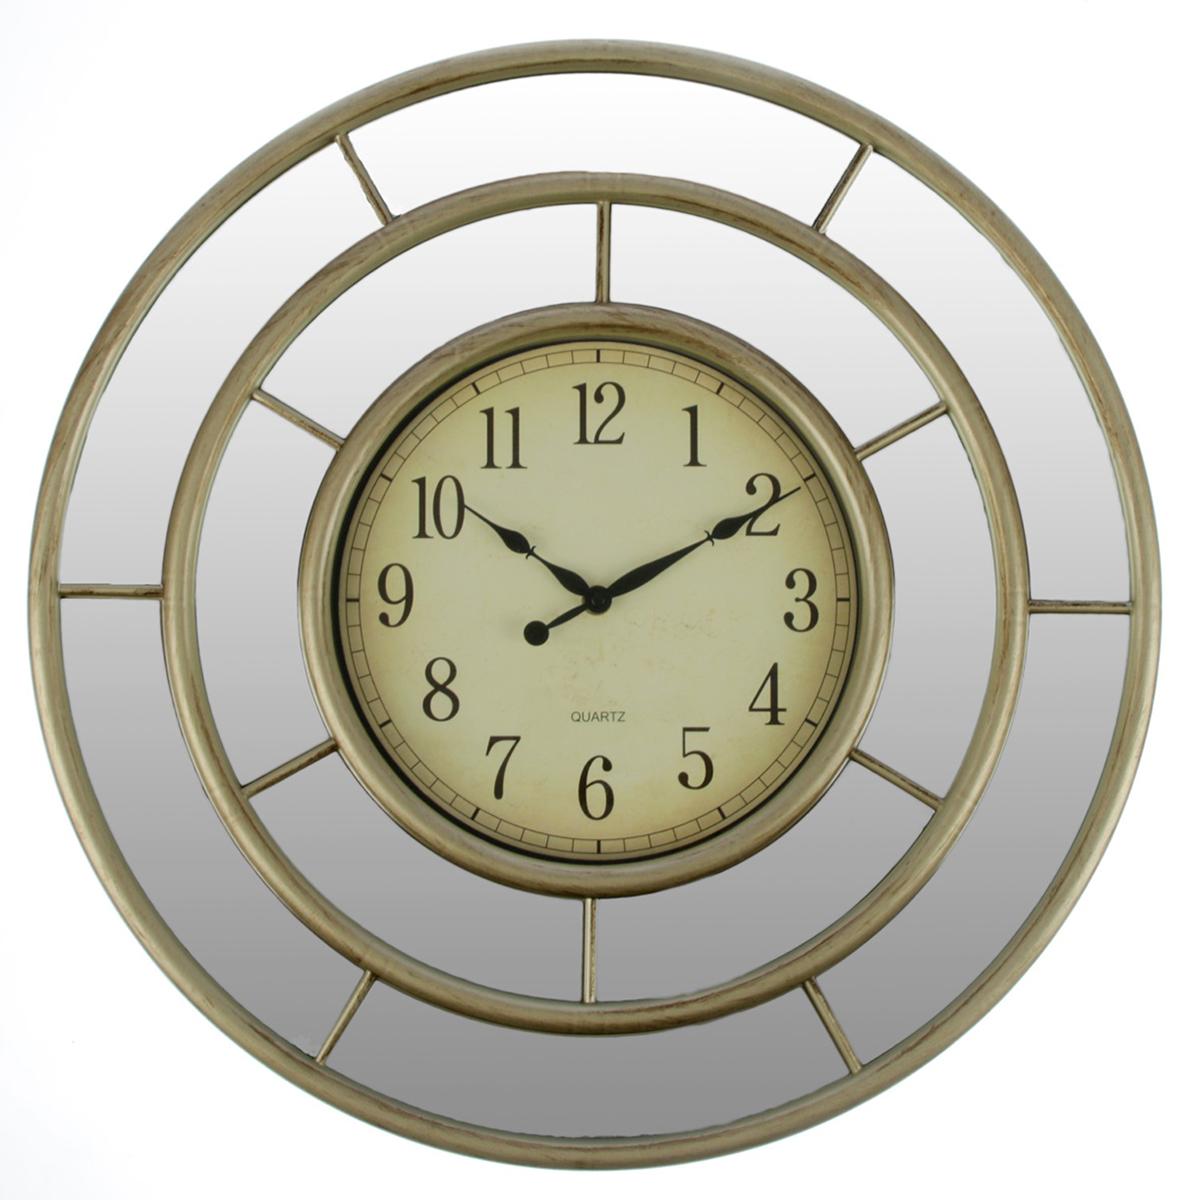 Часы настенные Зеркала. Лабиринт, цвет: бежевый, диаметр 50 см2770470Каждому хозяину периодически приходит мысль обновить свою квартиру, сделать ремонт, перестановку или кардинально поменять внешний вид каждой комнаты. — привлекательная деталь, которая поможет воплотить вашу интерьерную идею, создать неповторимую атмосферу в вашем доме. Окружите себя приятными мелочами, пусть они радуют глаз и дарят гармонию.Часы настенные. серия Зеркала, круг, Лабиринт, циферблат под старину, цвет беж, d=50см 2770470